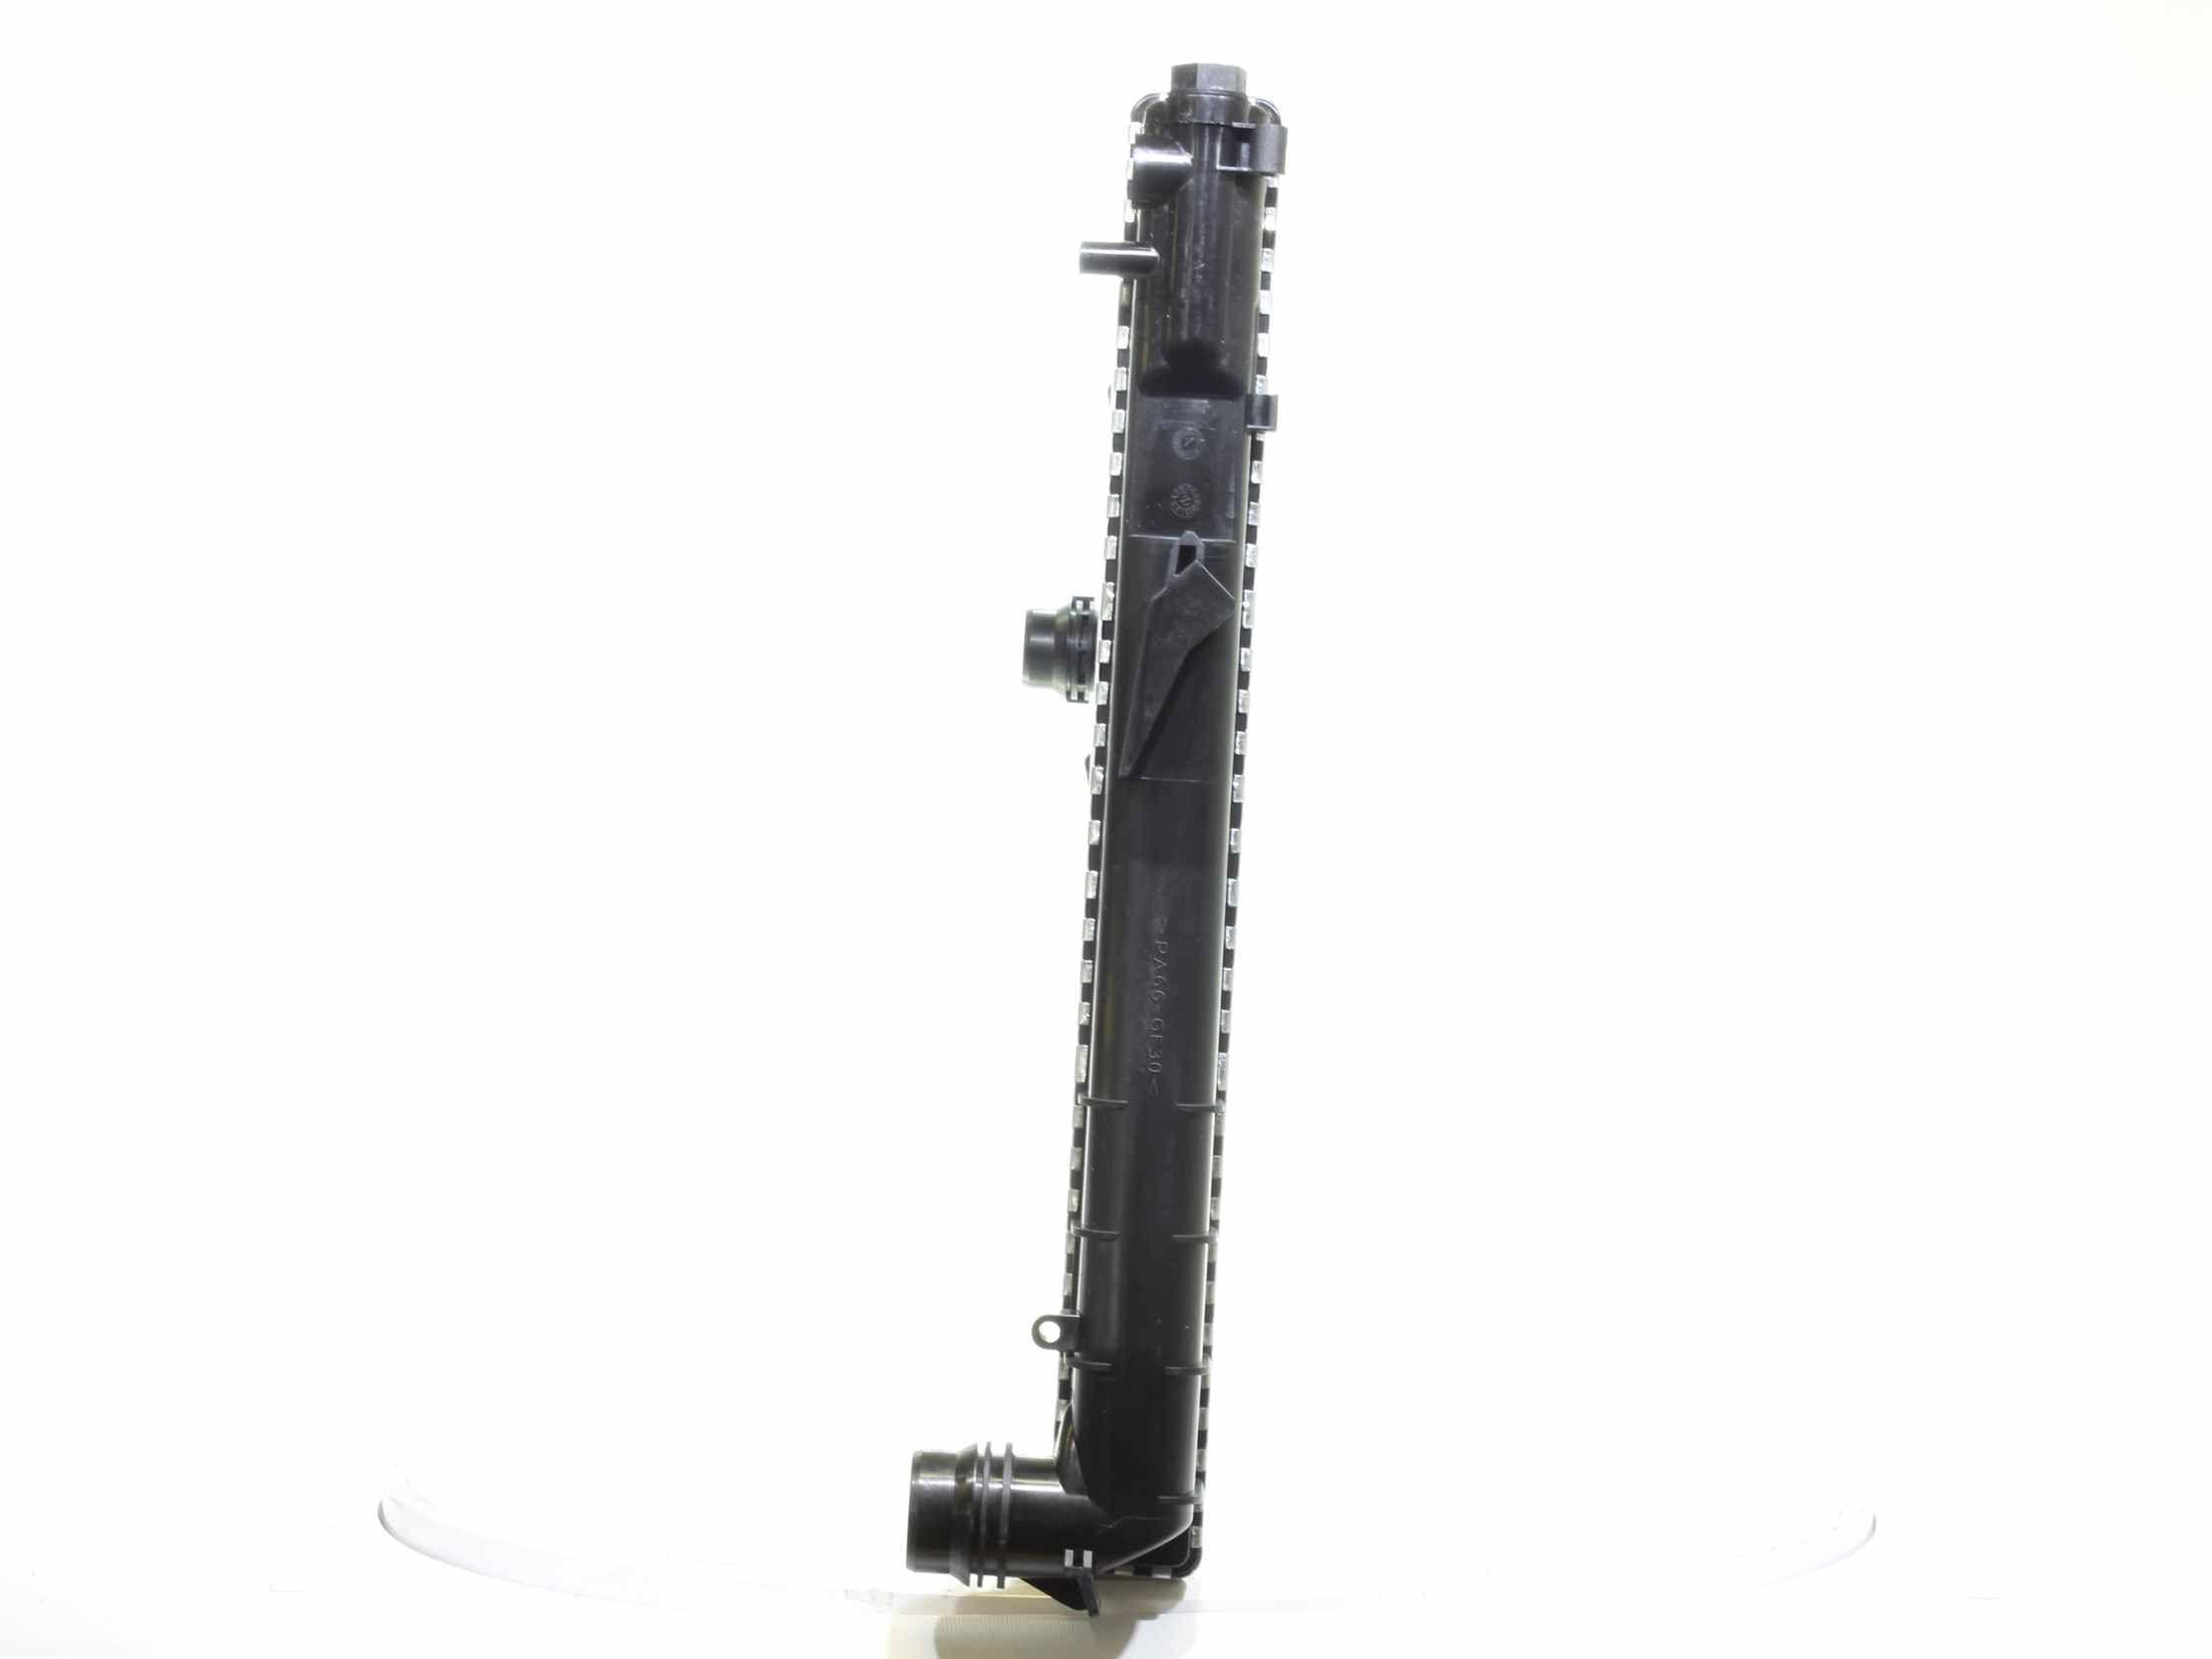 10530448 Wasserkühler ALANKO 10530448 - Große Auswahl - stark reduziert